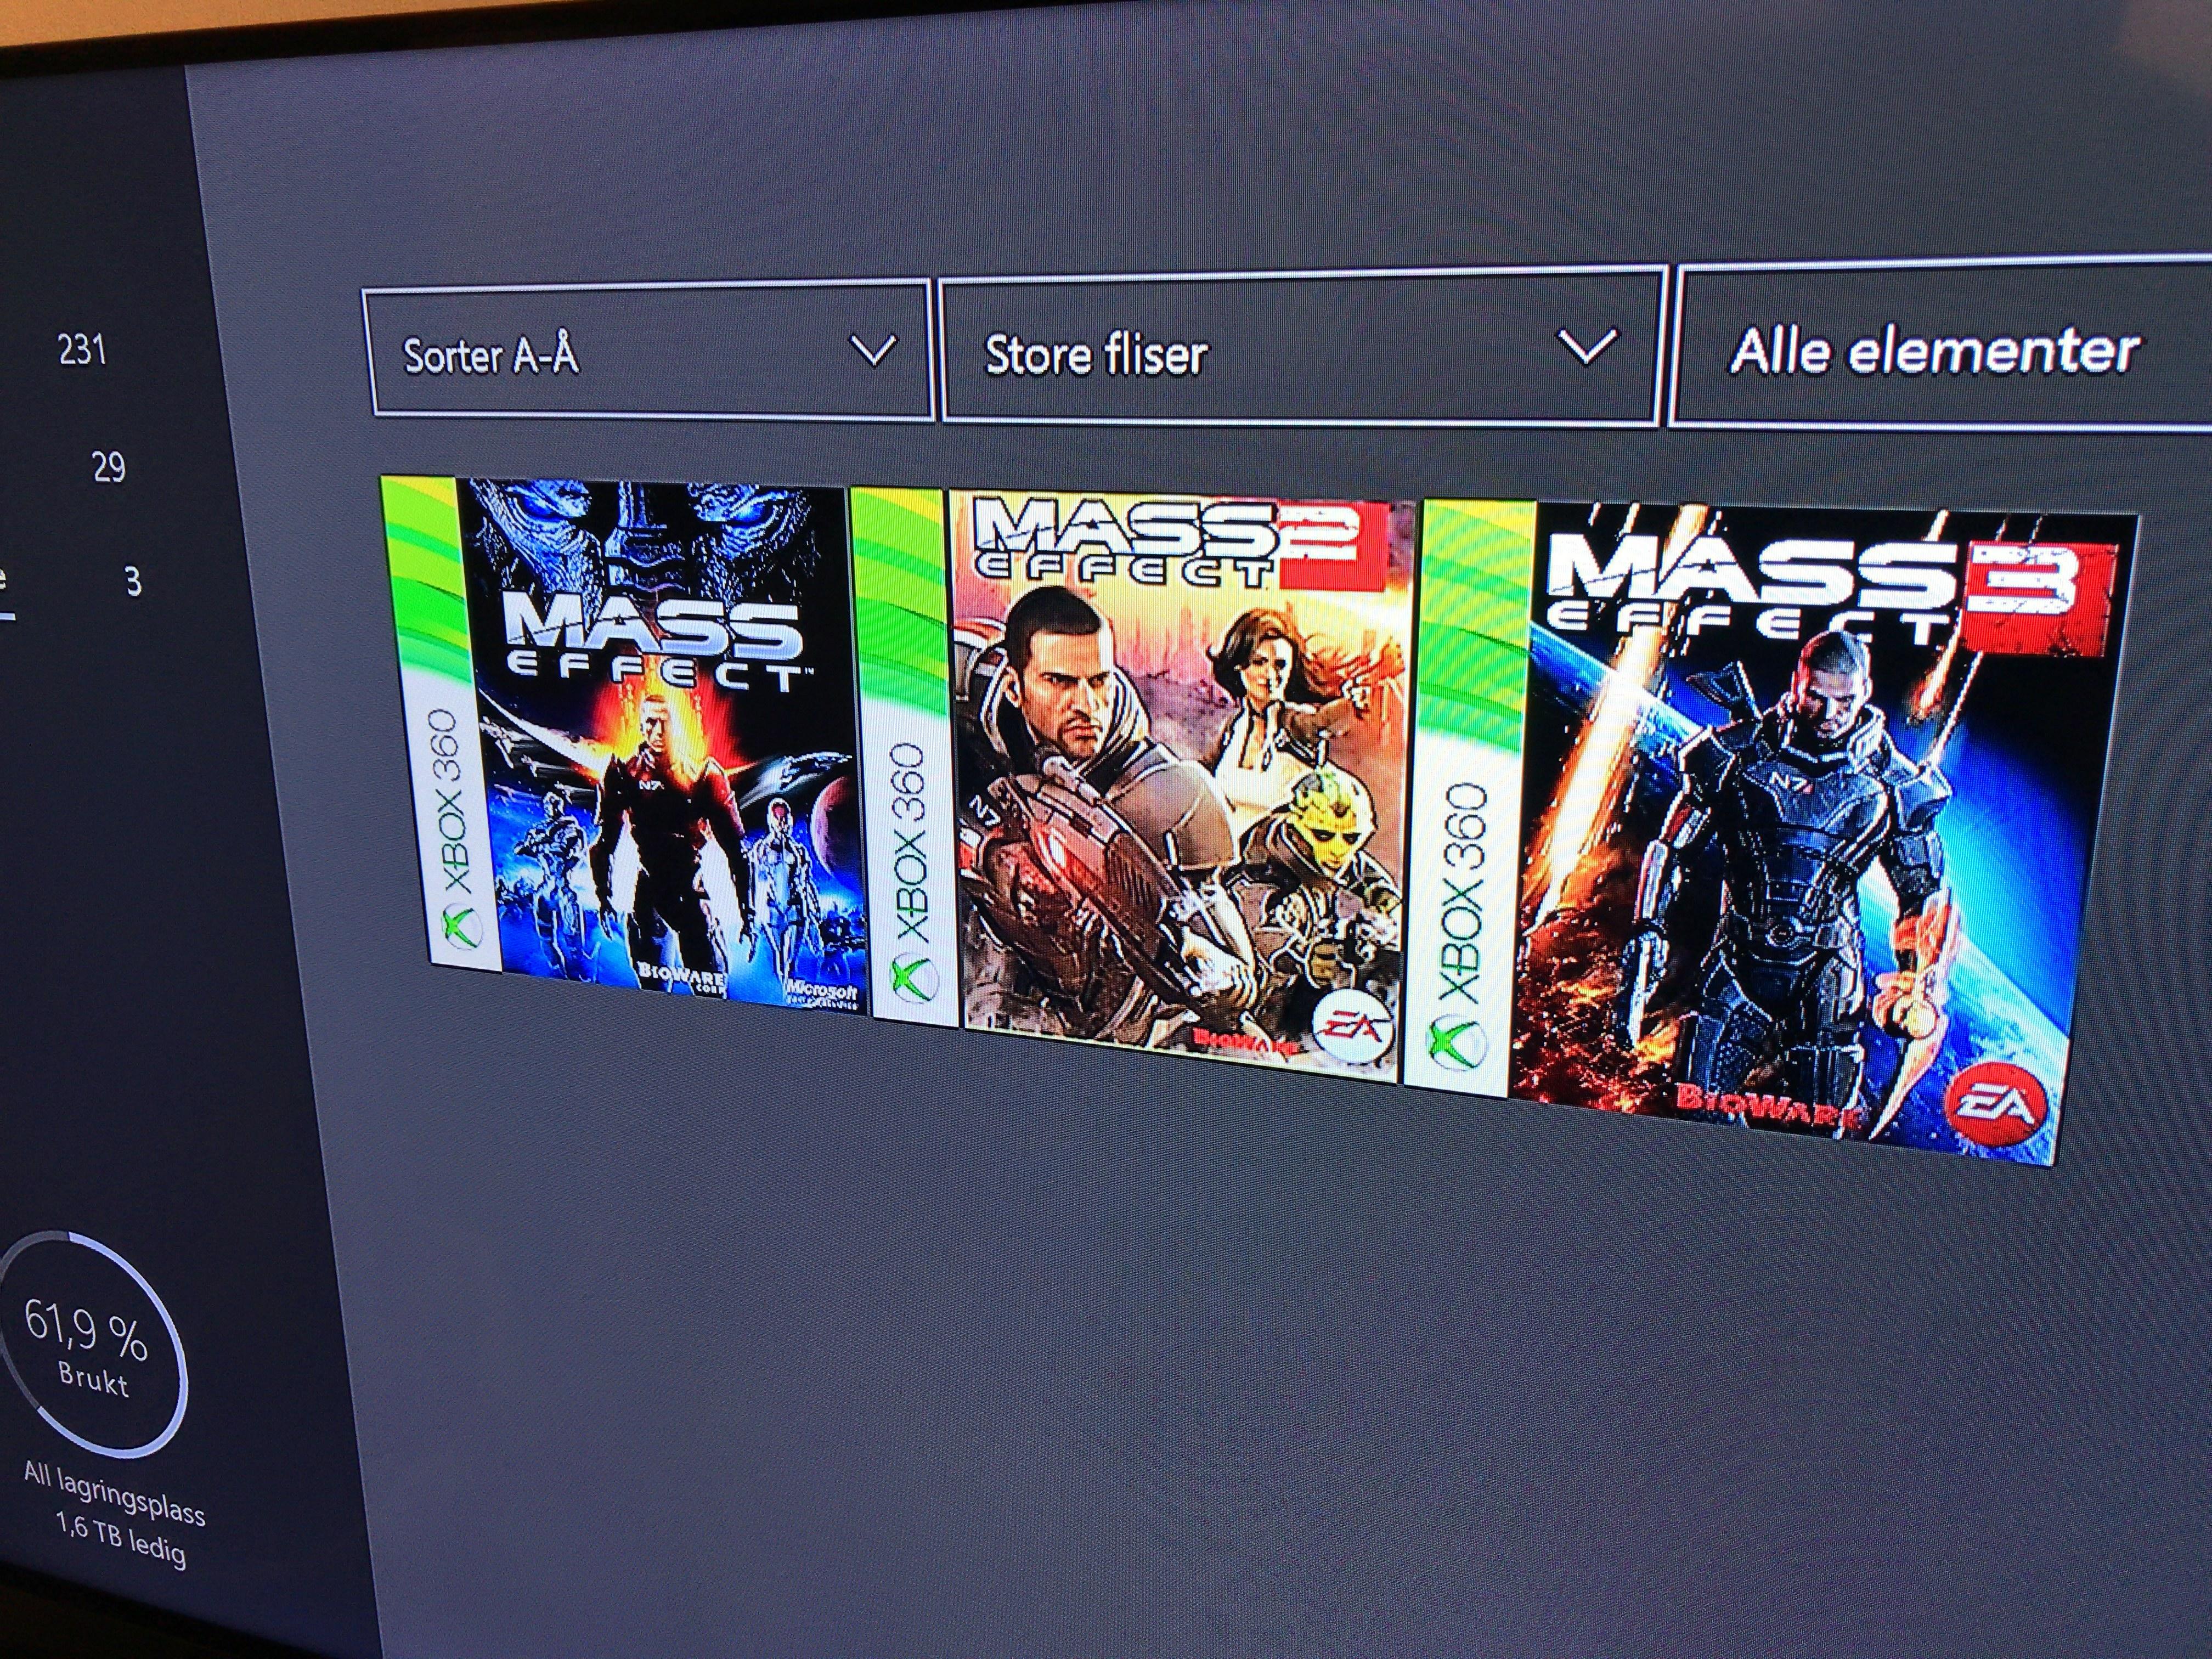 Mass Effect-trilogien dukket opp under klar til å installere-listen på vår Xbox One.